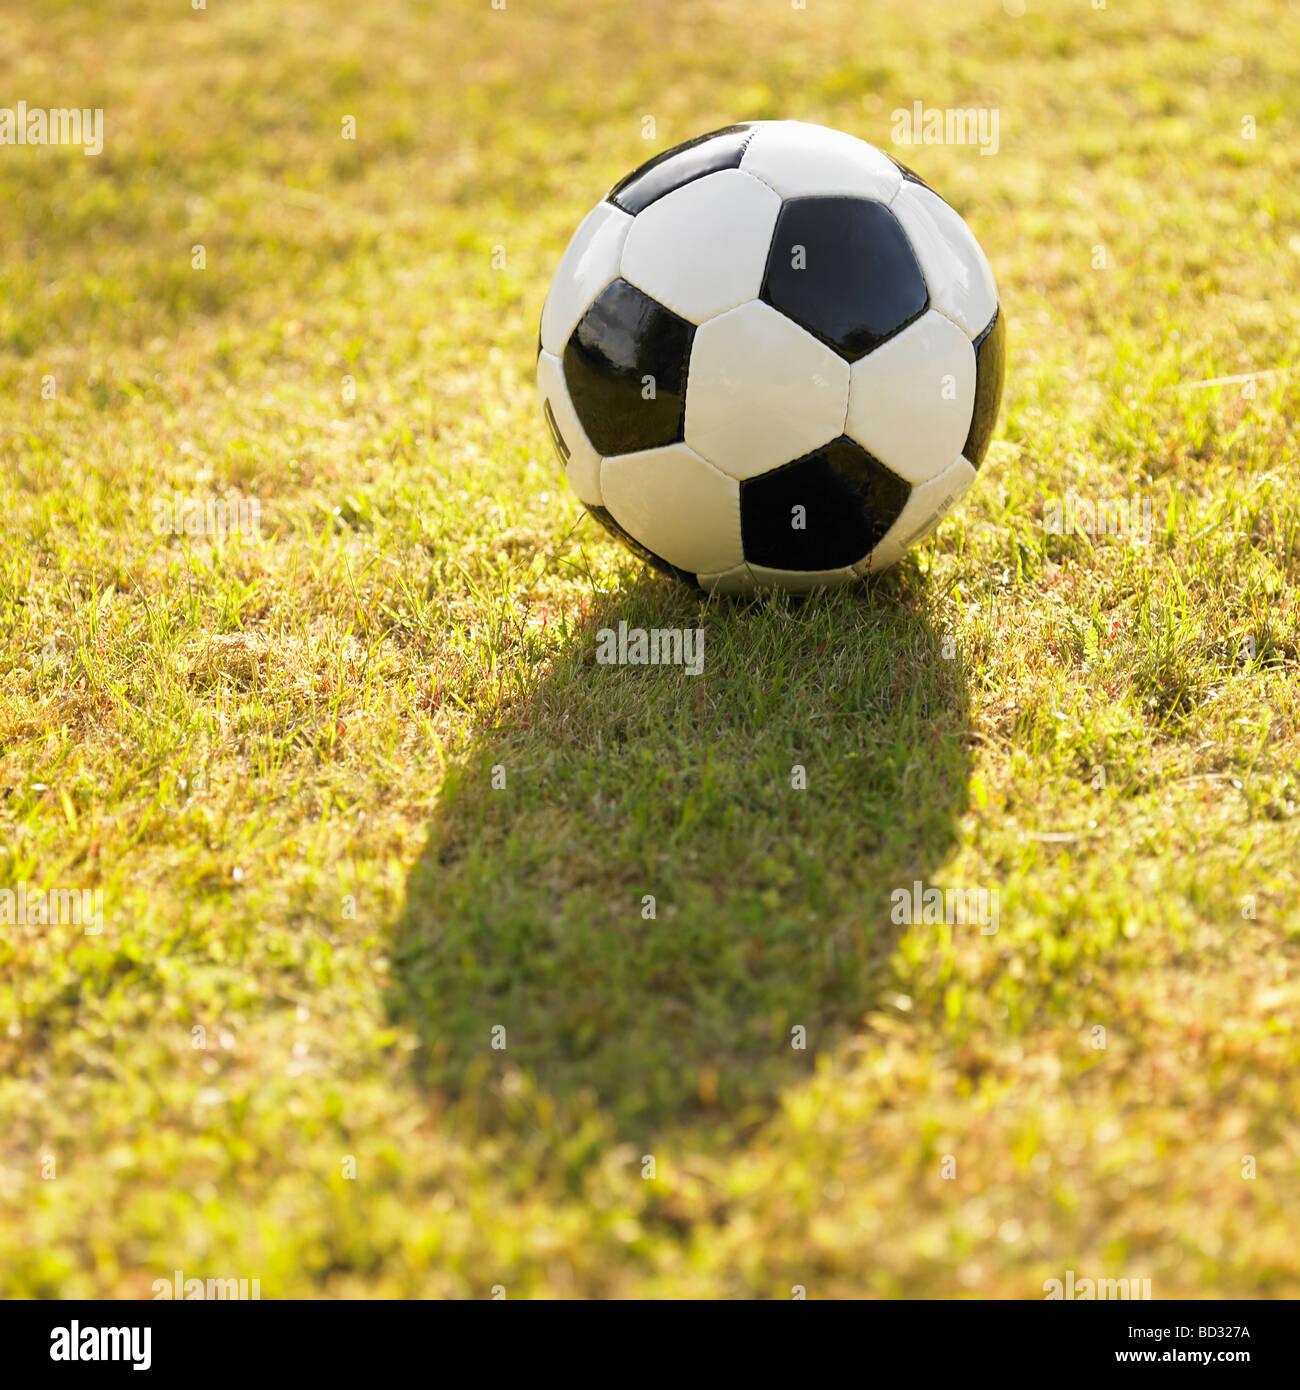 In bianco e nero in pelle generico / calcio pallone da calcio in erba, retro illuminato in sun. Immagini Stock